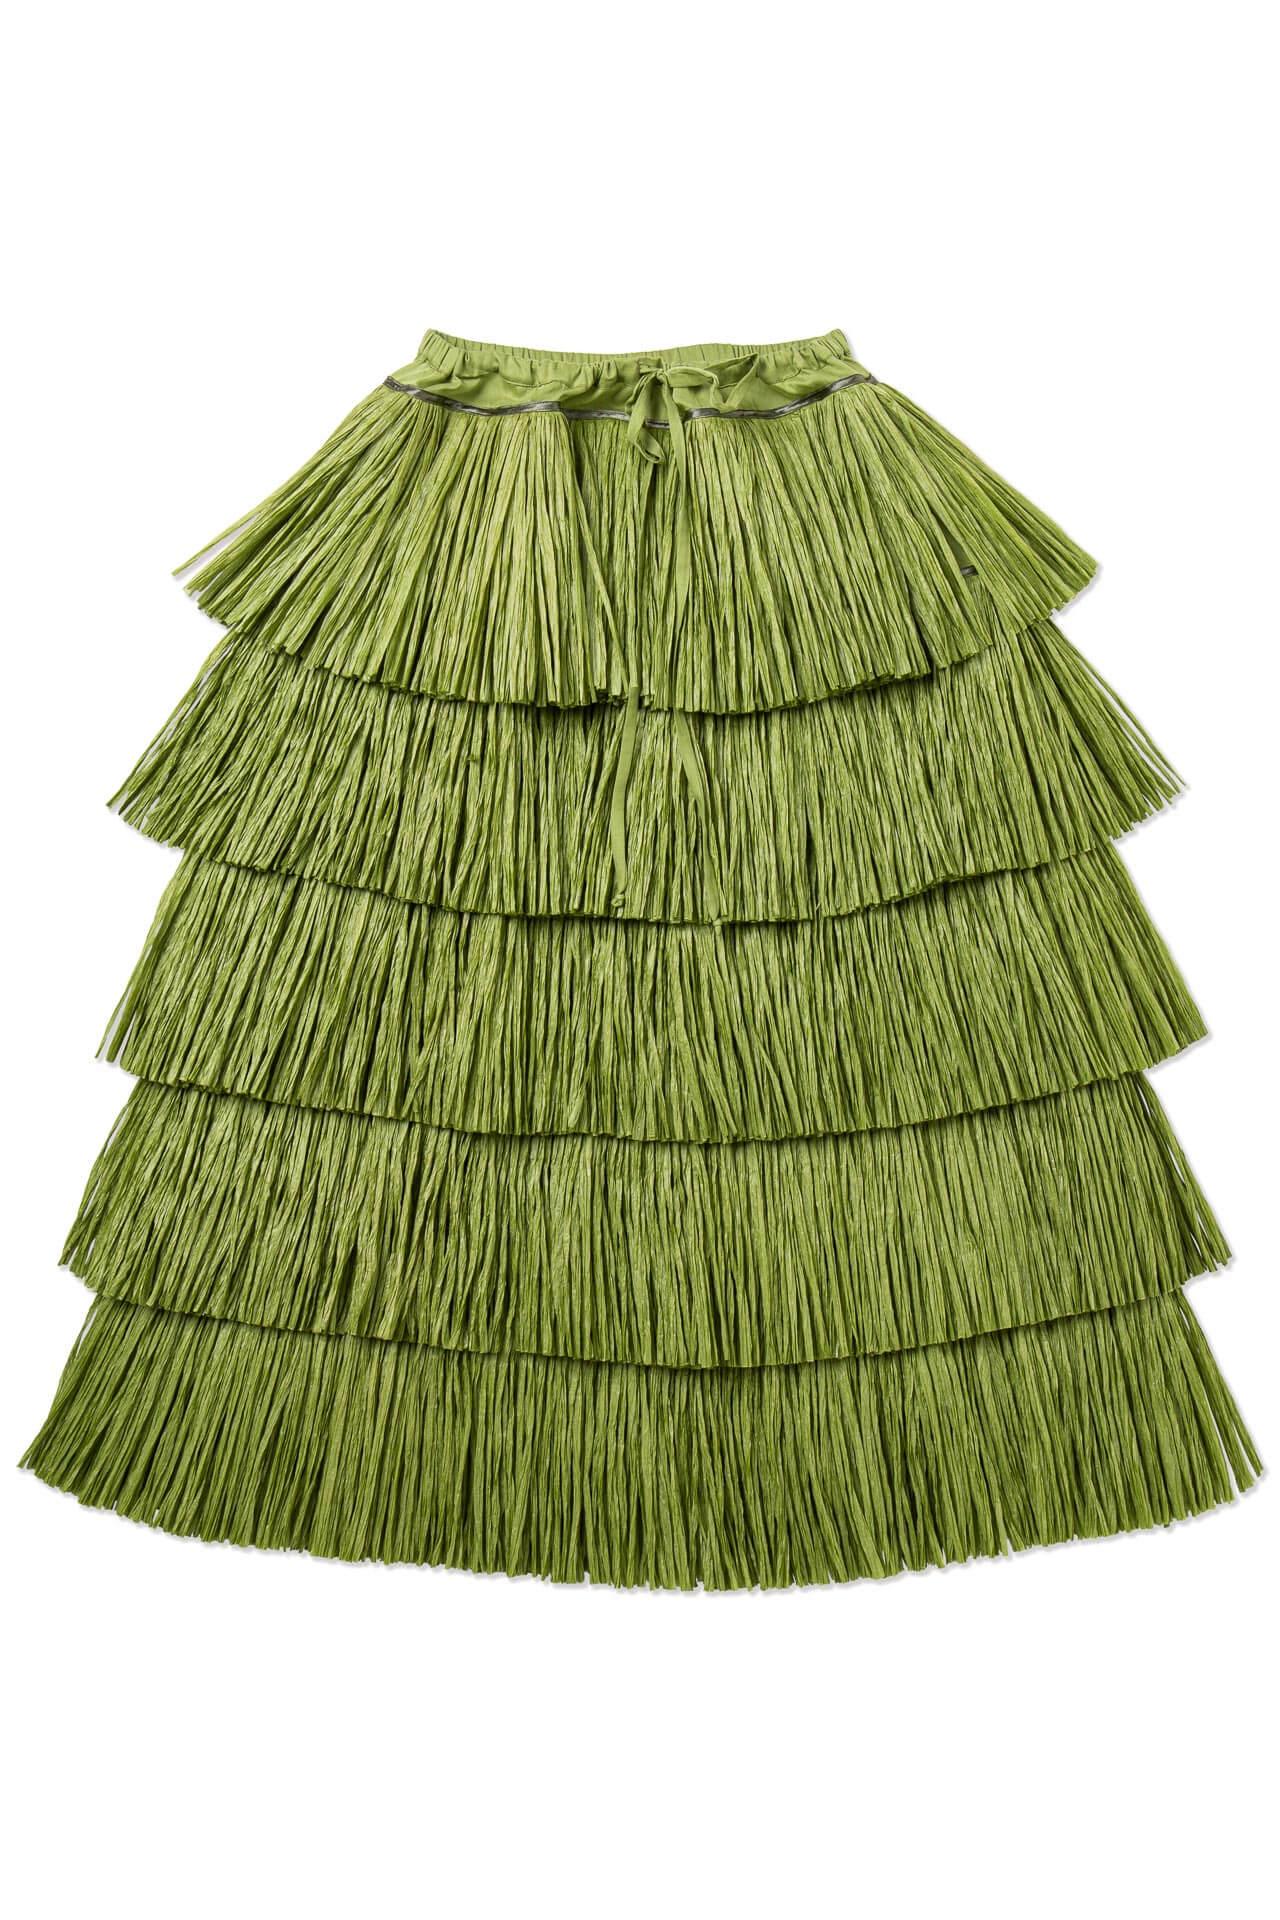 Long Raffia Skirt